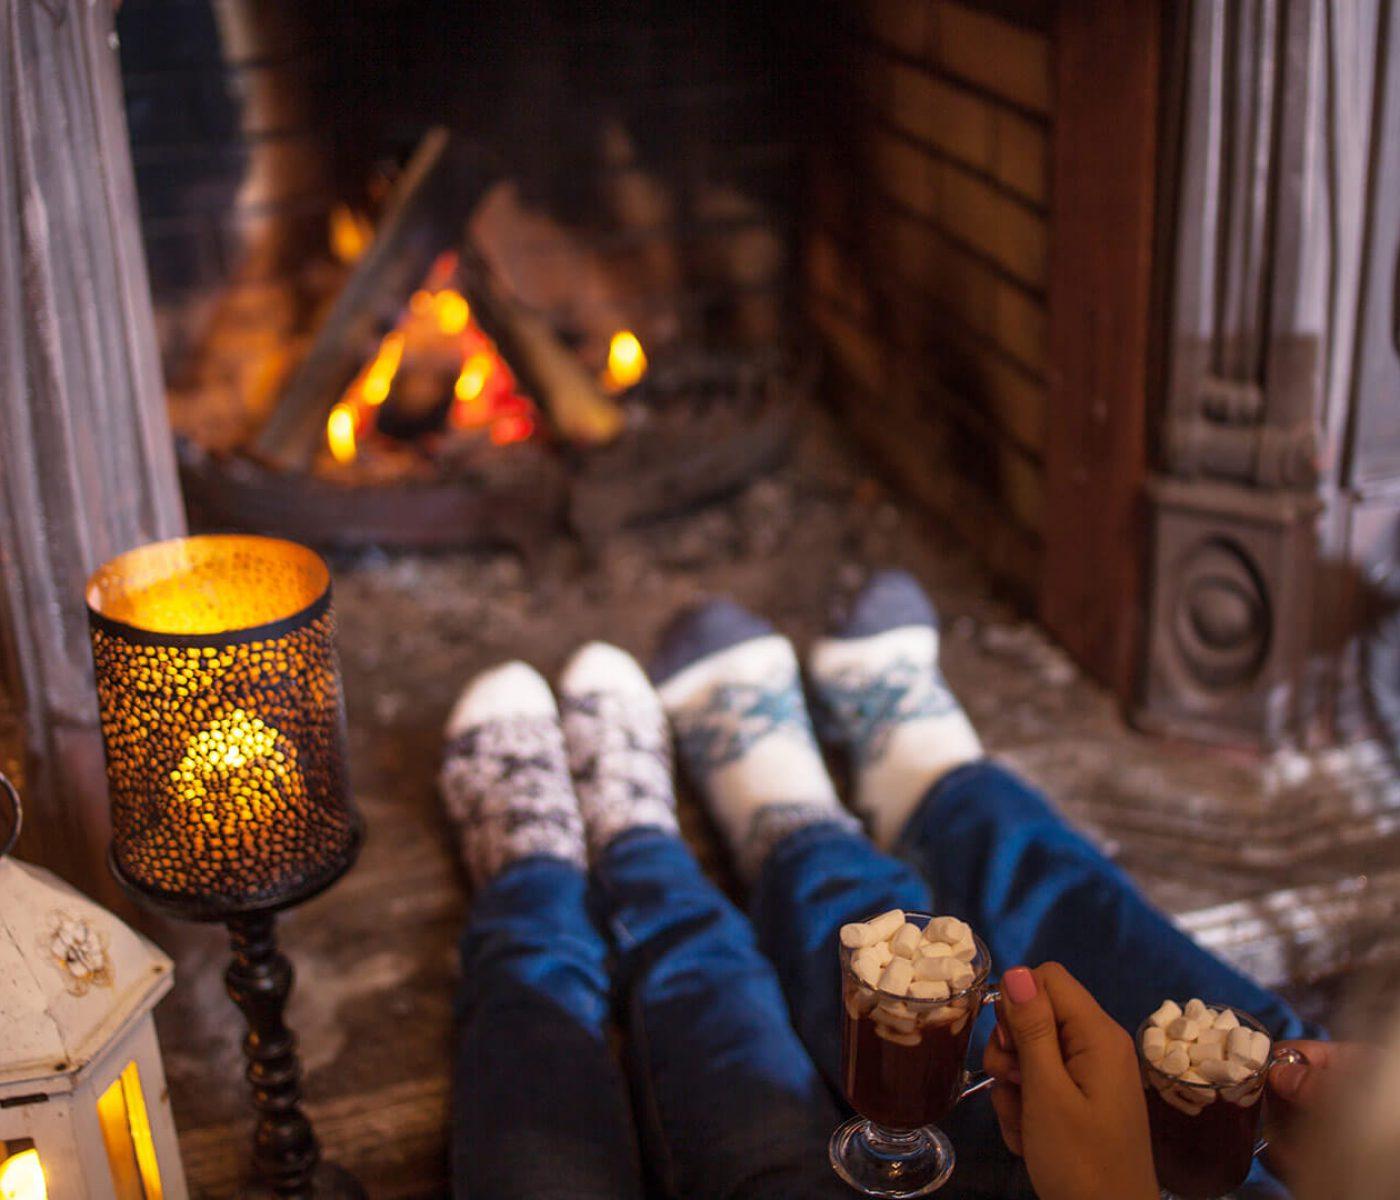 Warm atmosphere